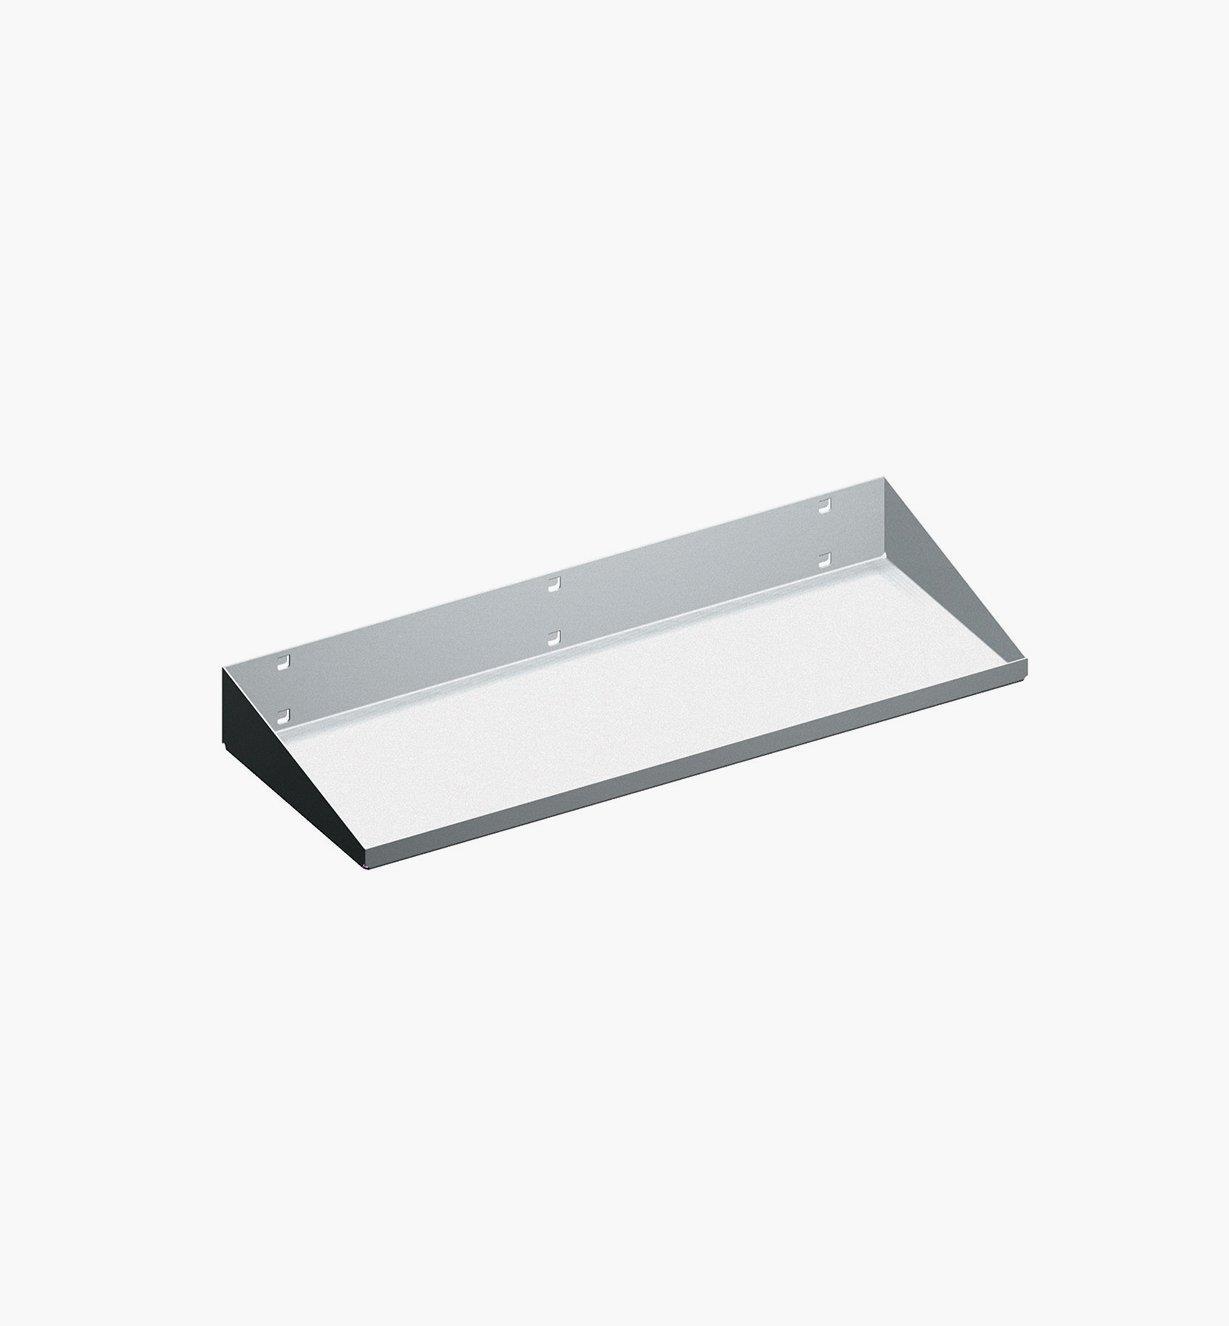 ZA497477 - Tablette